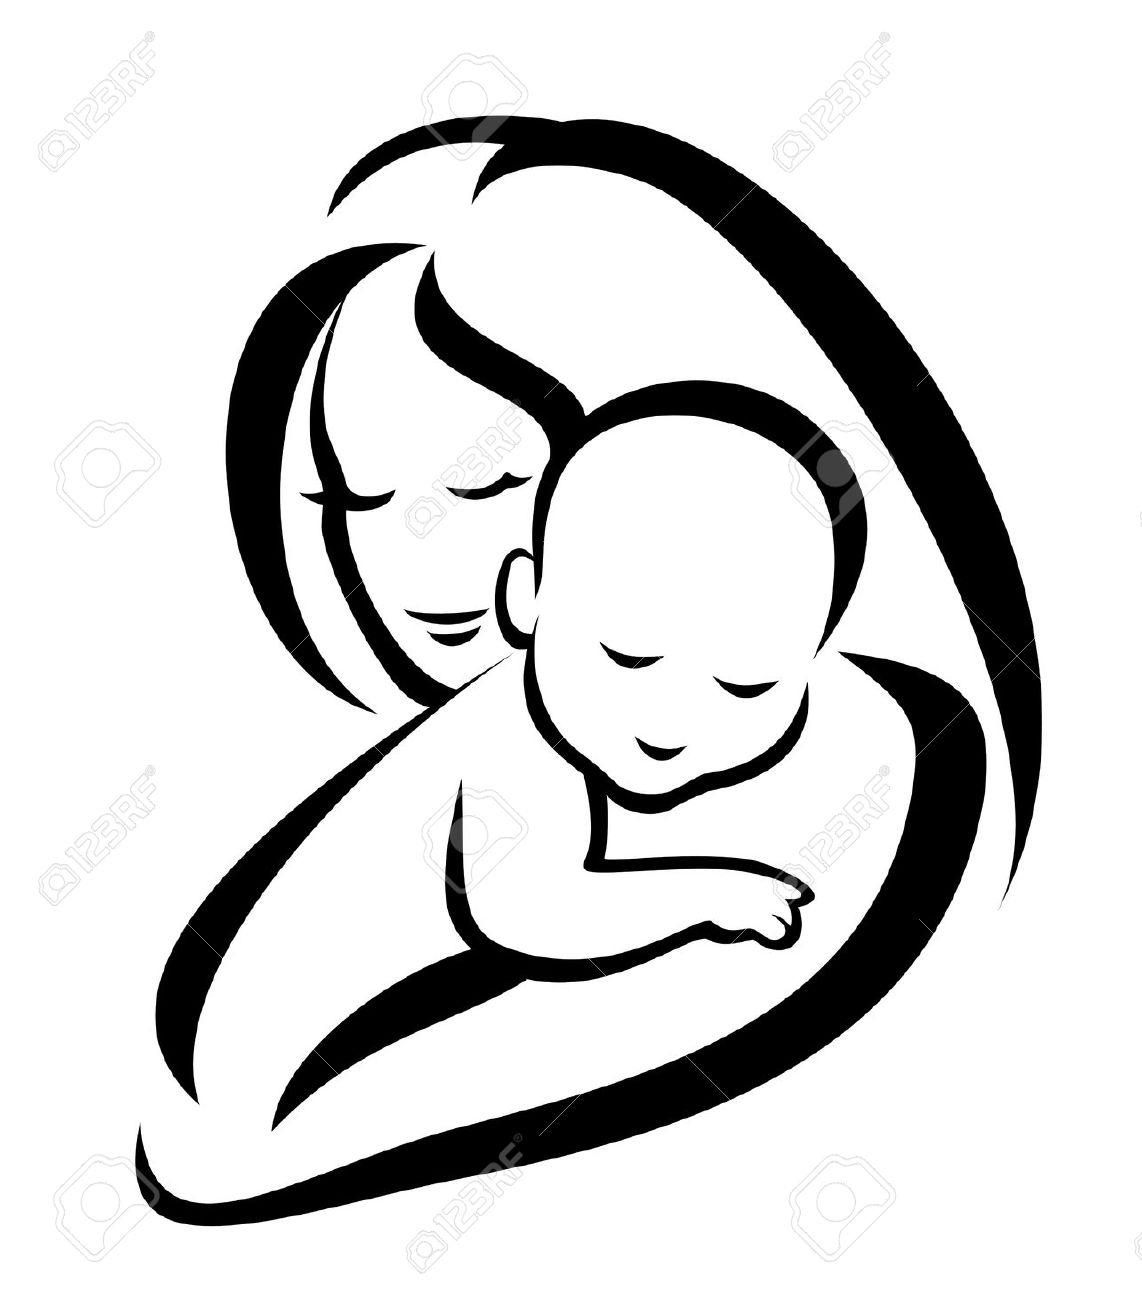 1142x1300 Mother Hugging Child Skech Mother Hugging Child Skech Mother